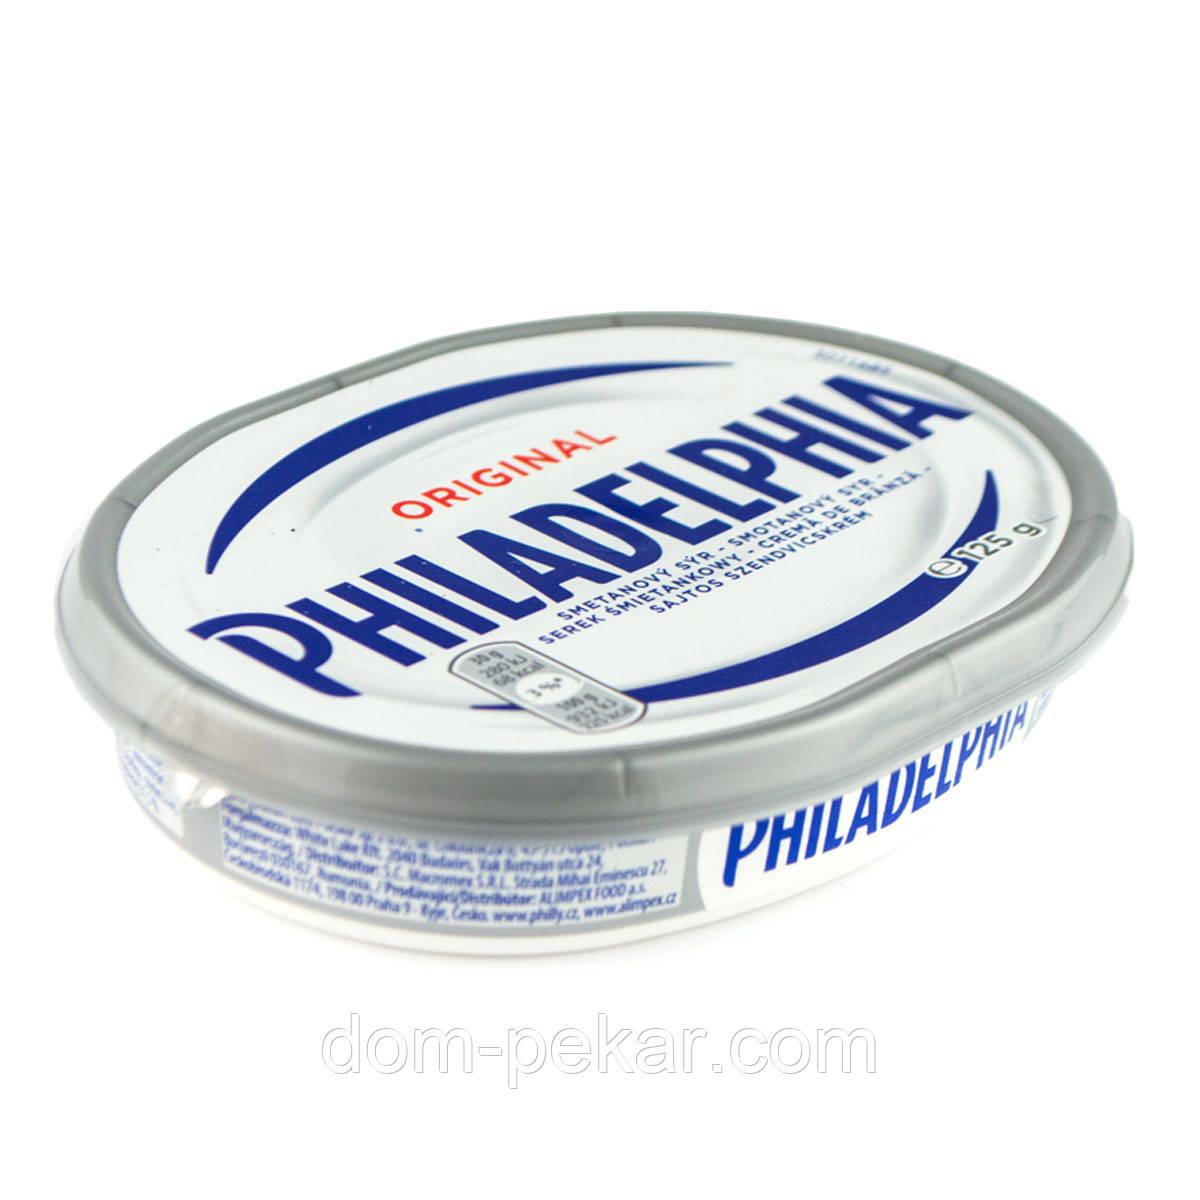 Филадельфия крем-сыр, 125 гр